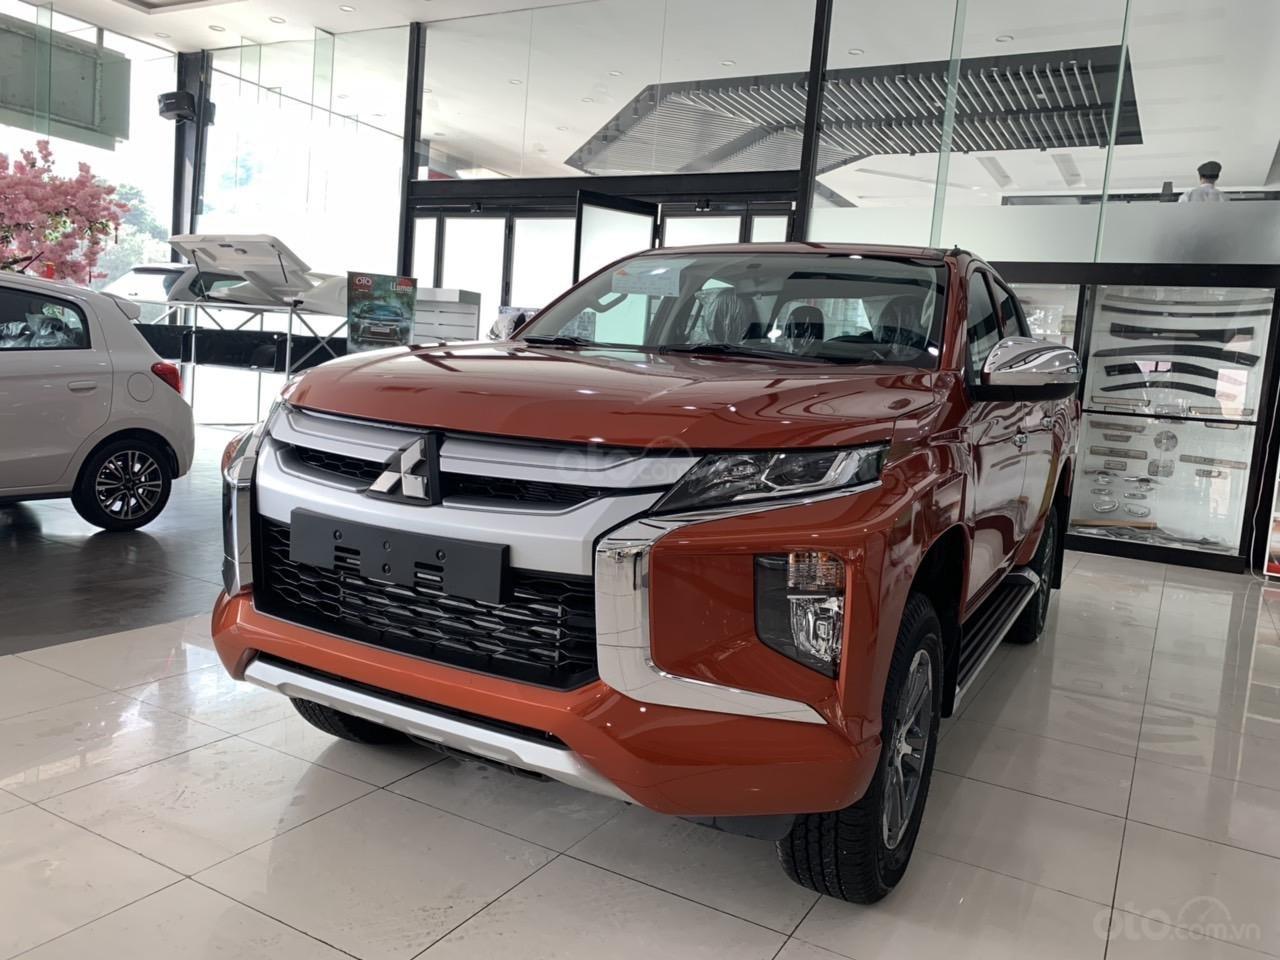 Mitsubishi Triton 4x2 AT Mivec màu cam nhập khẩu giá chỉ 630 triệu, giảm giá tốt nhất thị trường (2)